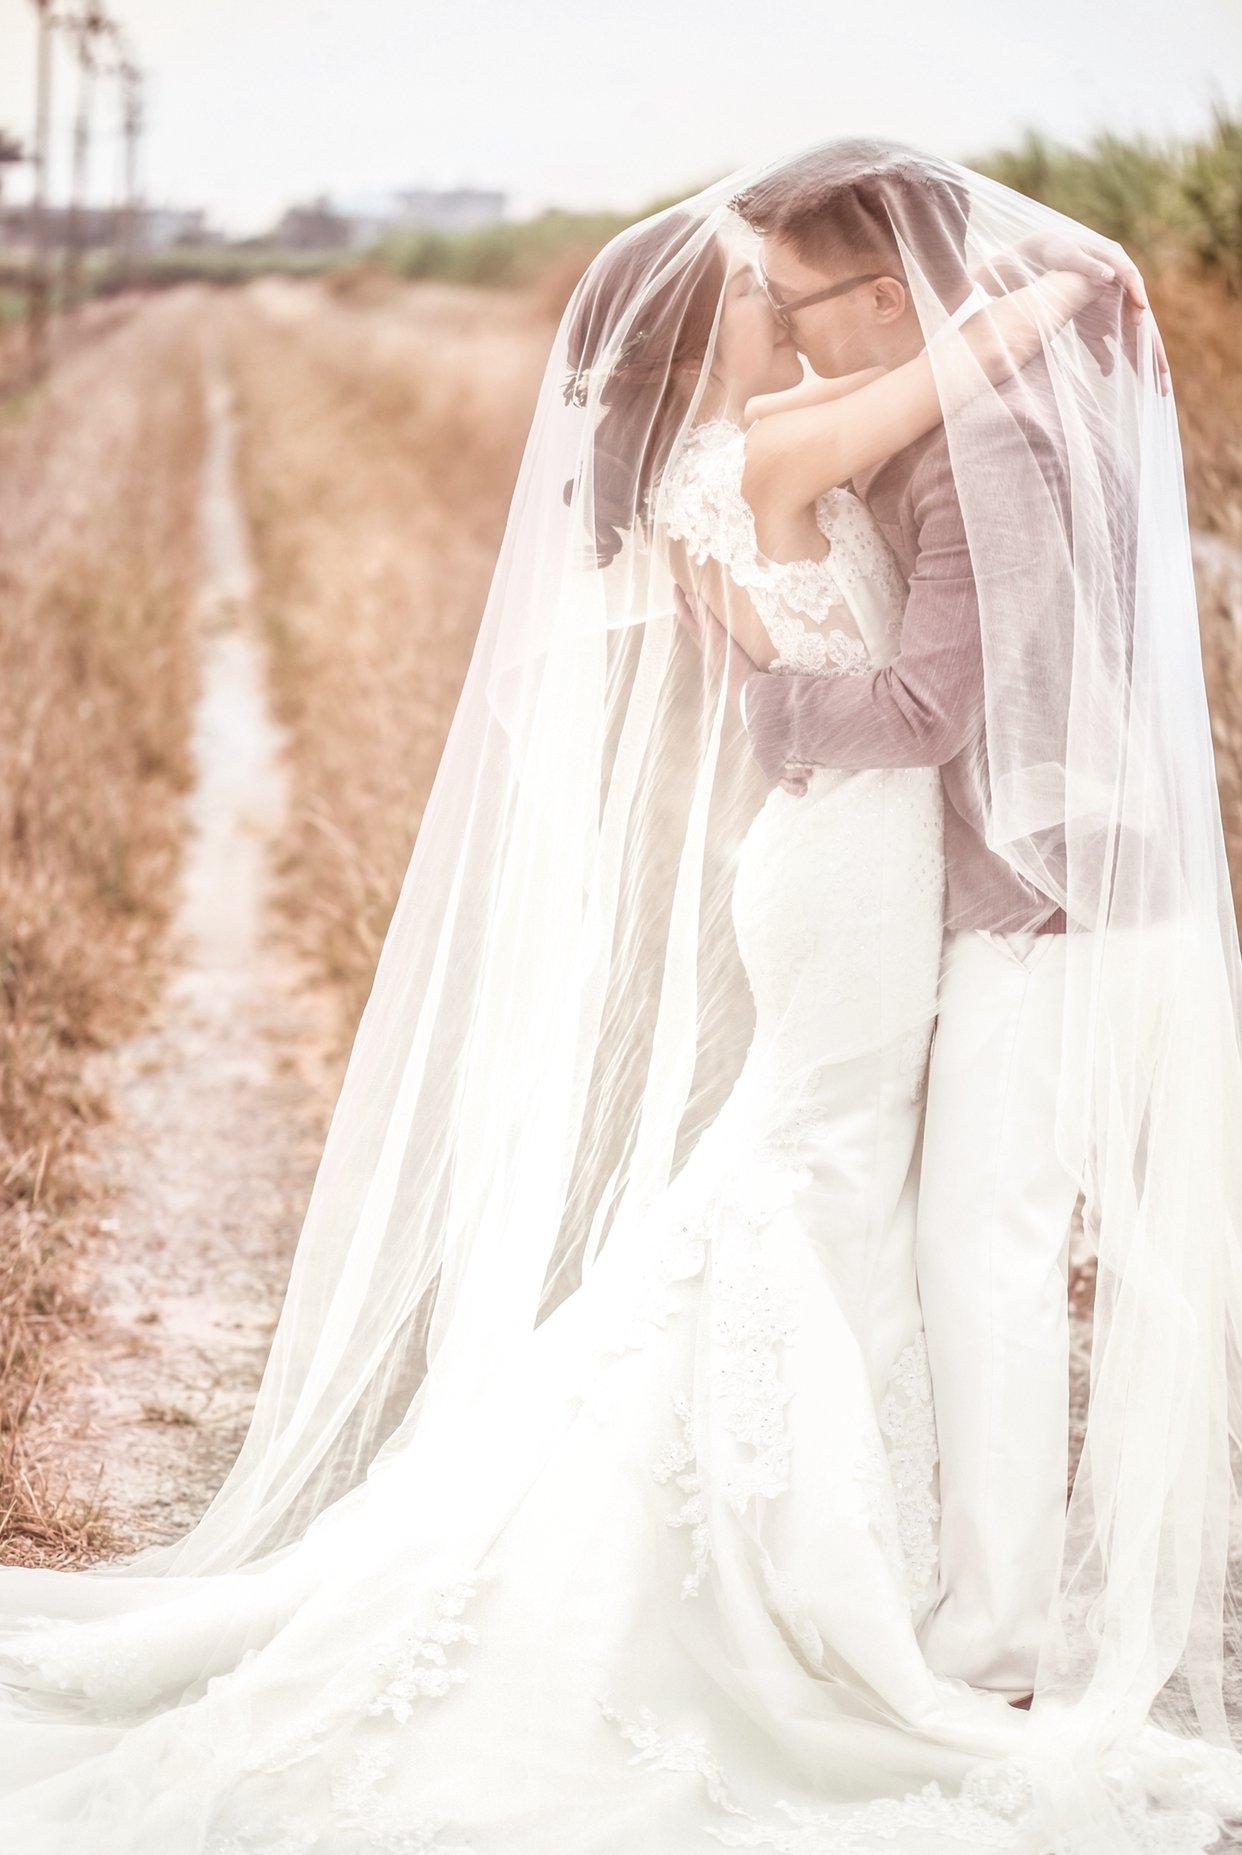 嘉義紐約紐約婚紗攝影-拍照心得分享2